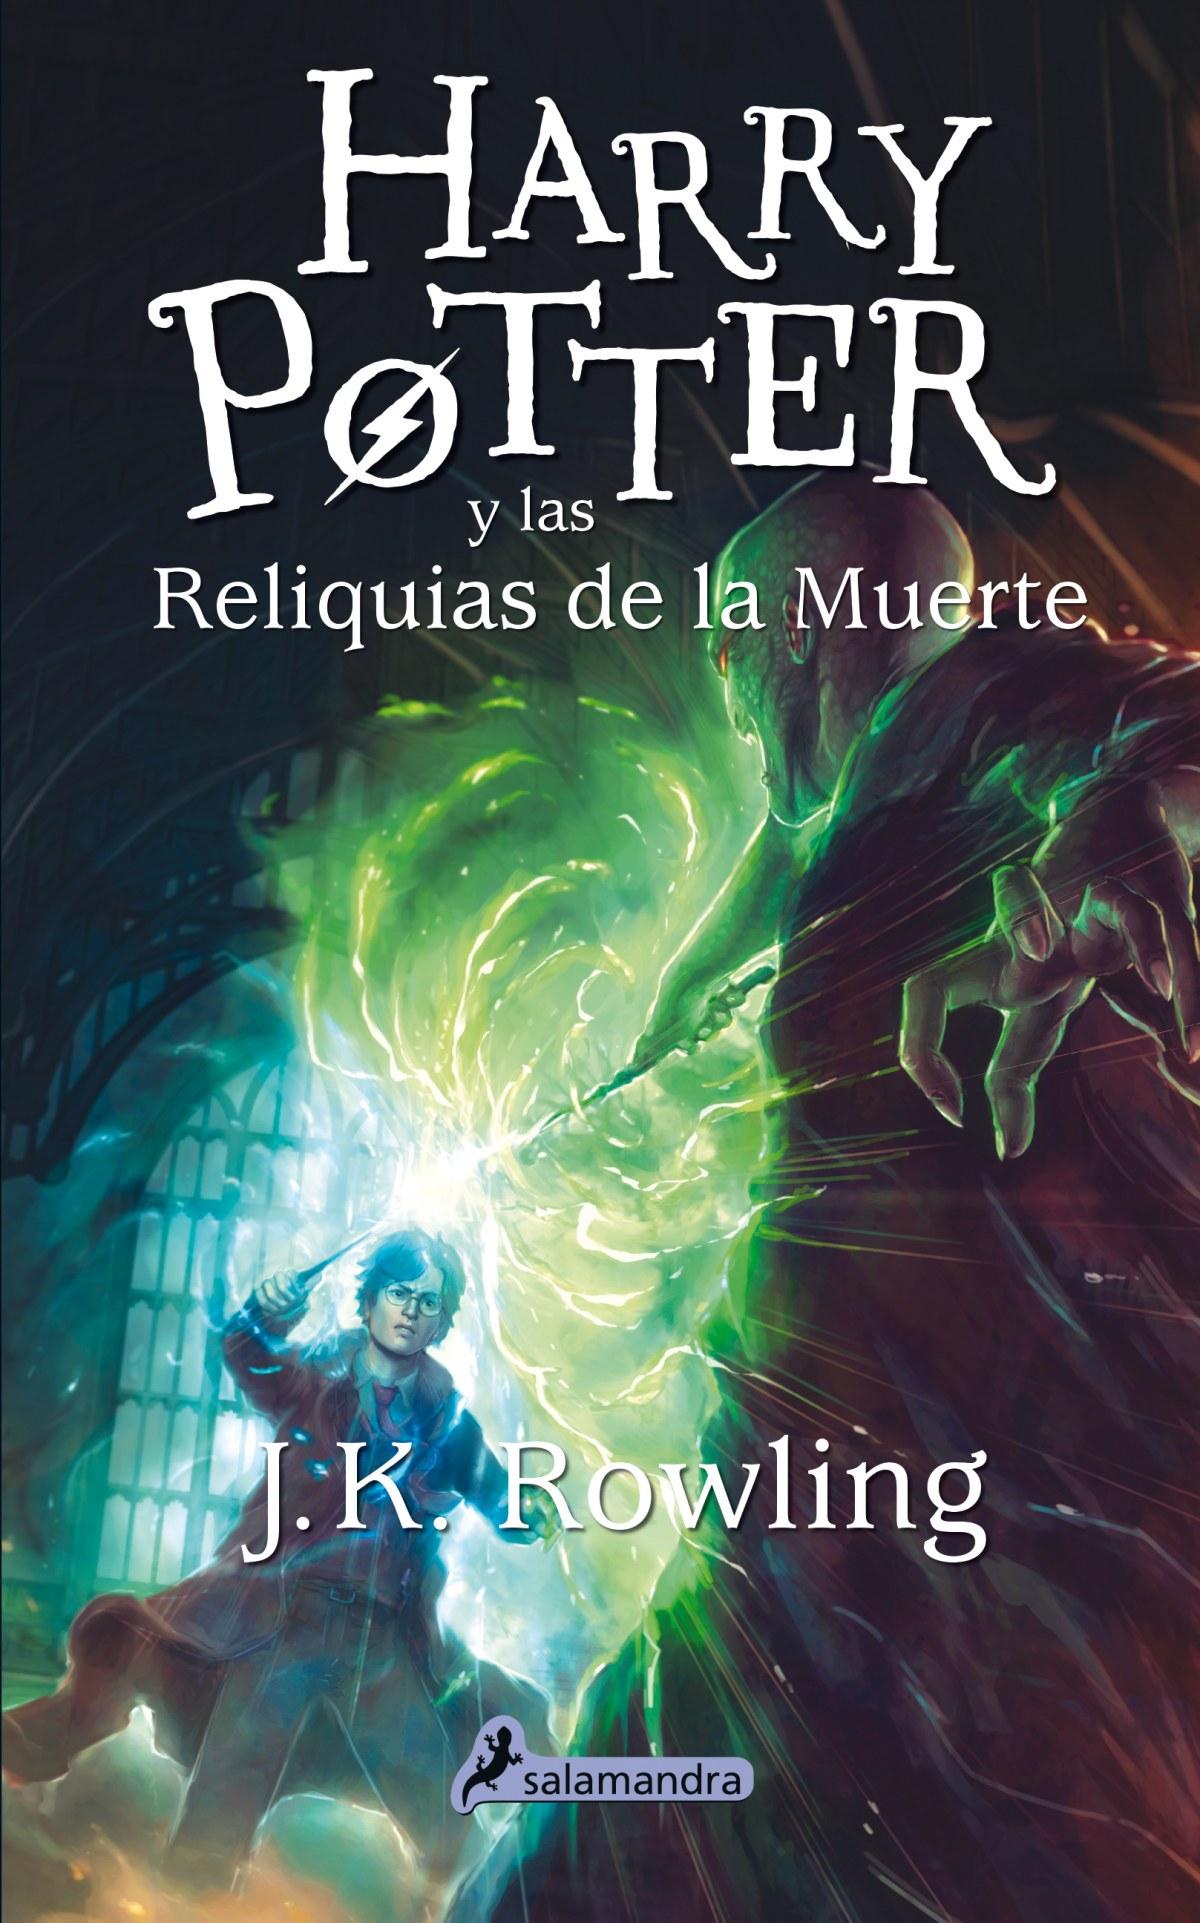 Harry Potter y las reliquias de la muerte 9788498386370